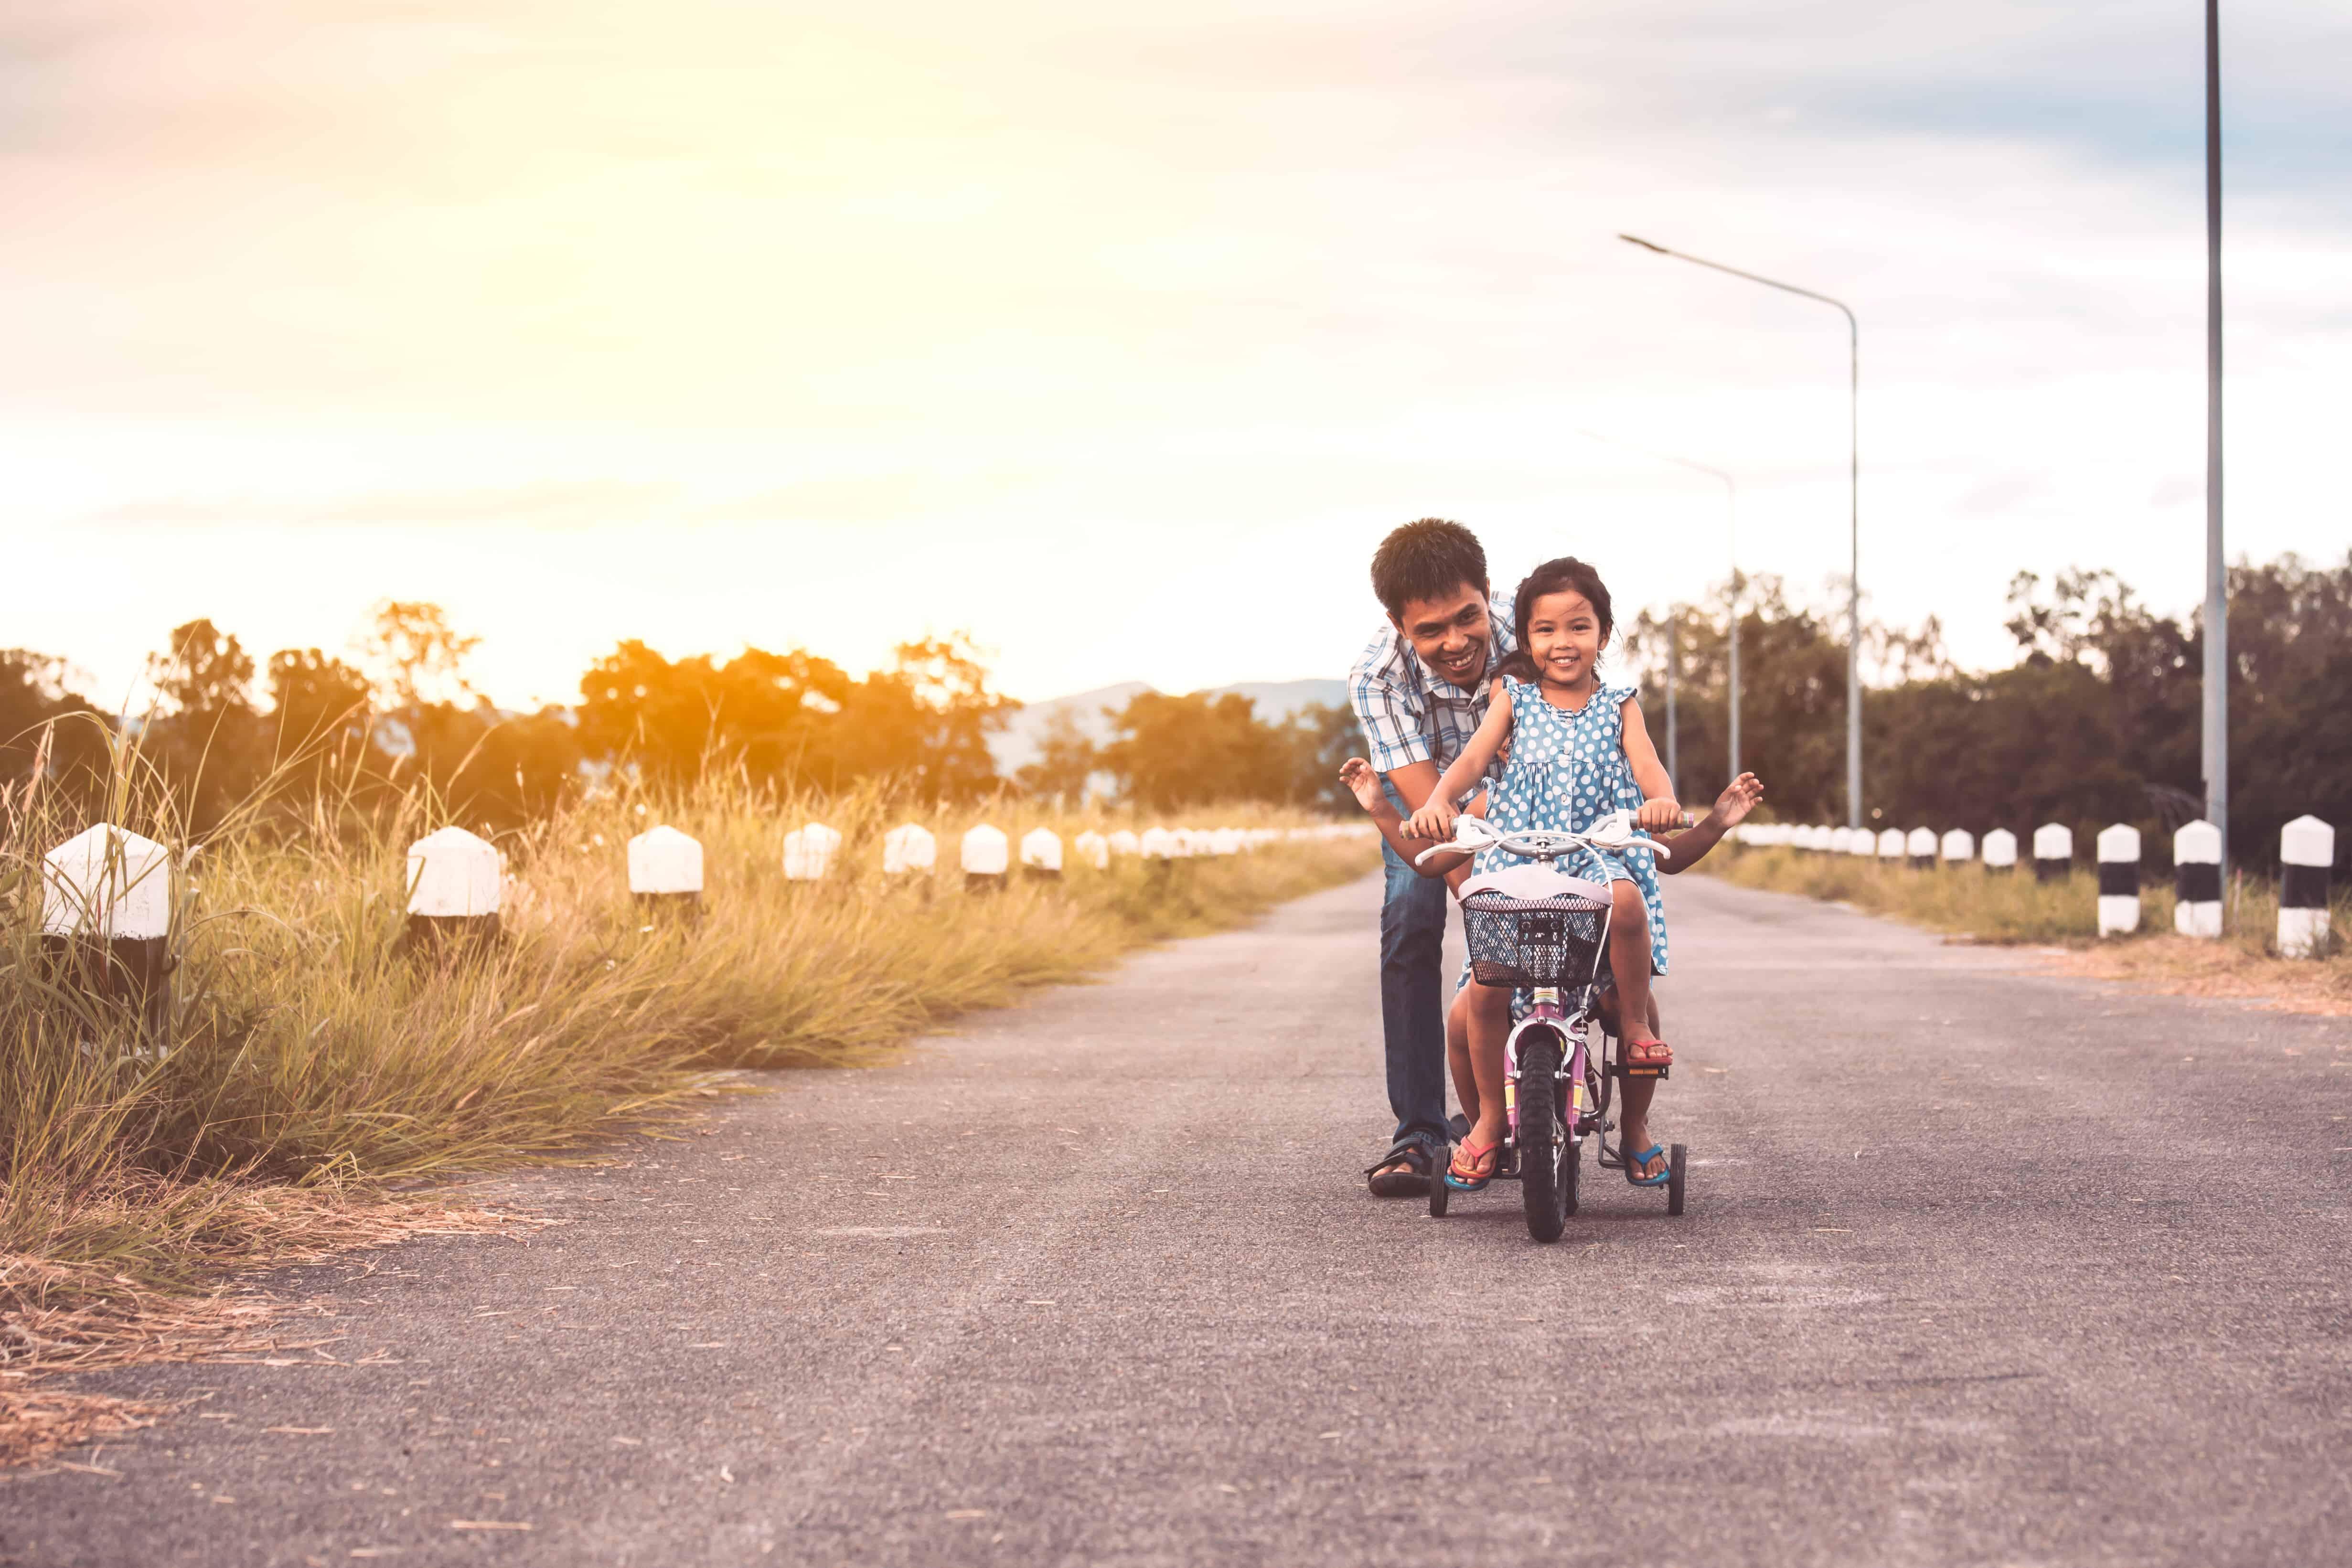 La infancia: Una etapa que no debemos apresurar